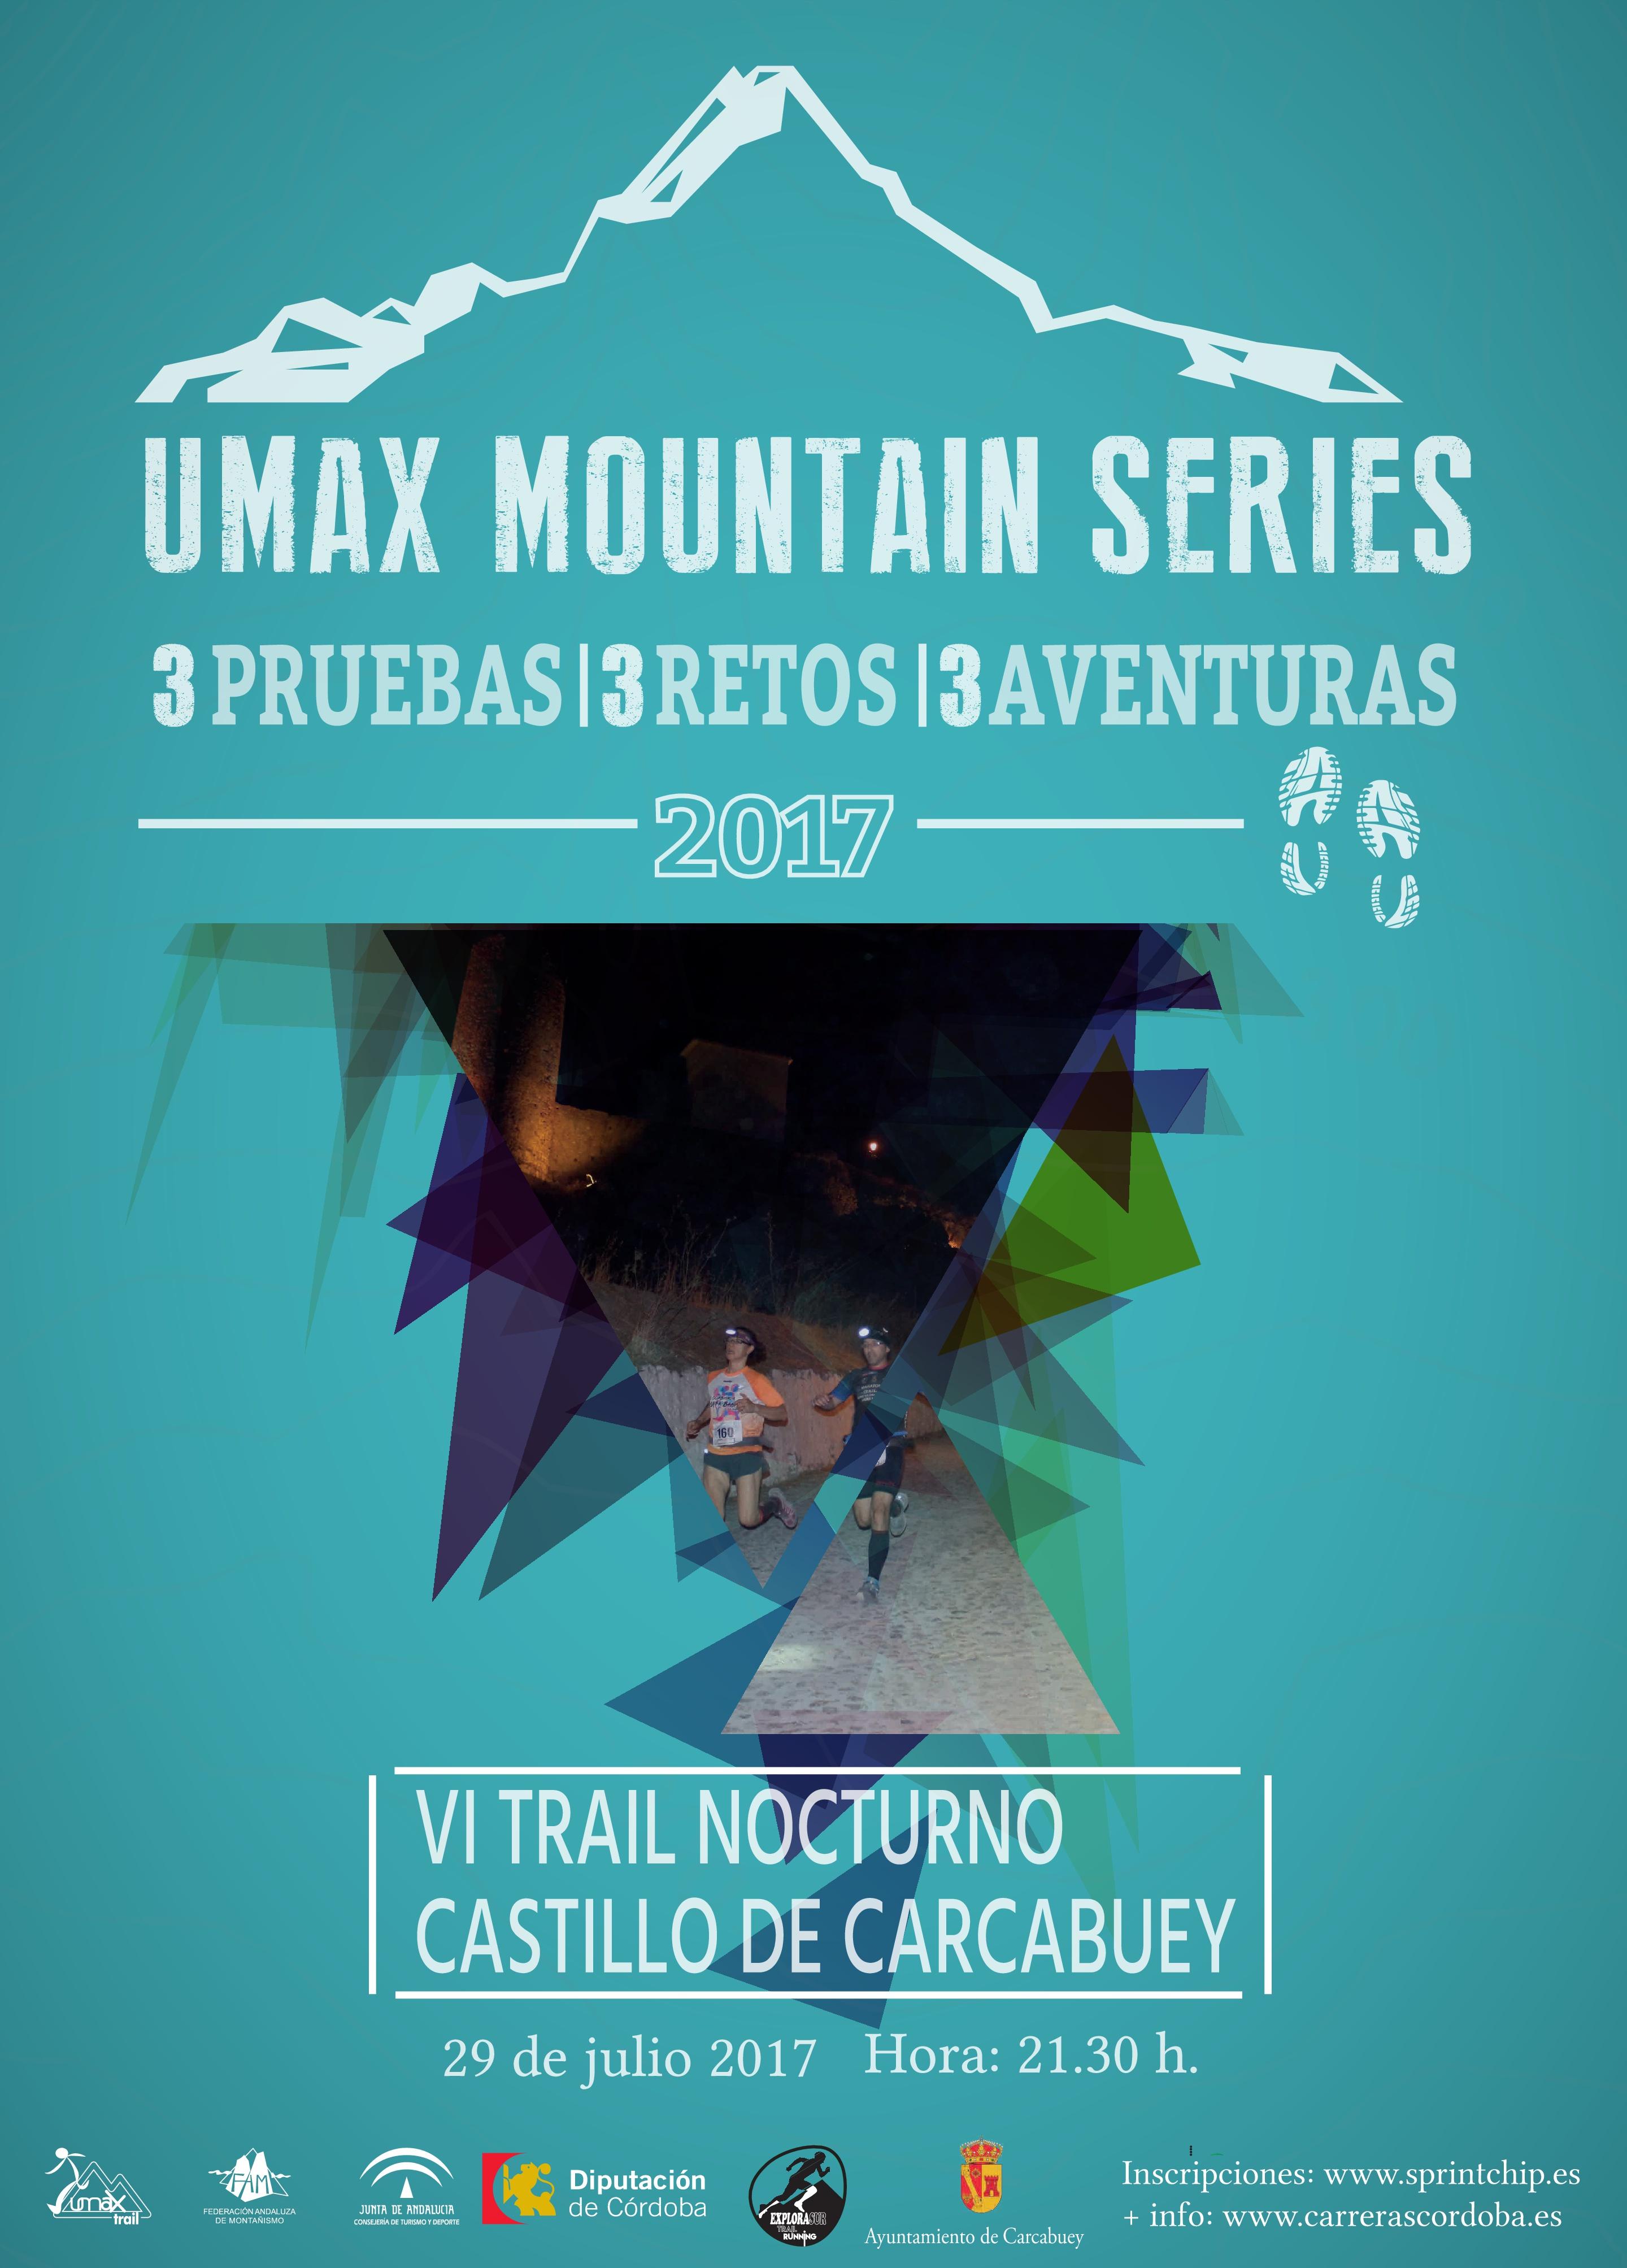 Trail 10Km - VI Trail Nocturno Castillo de Carcabuey  - Sprint Chip